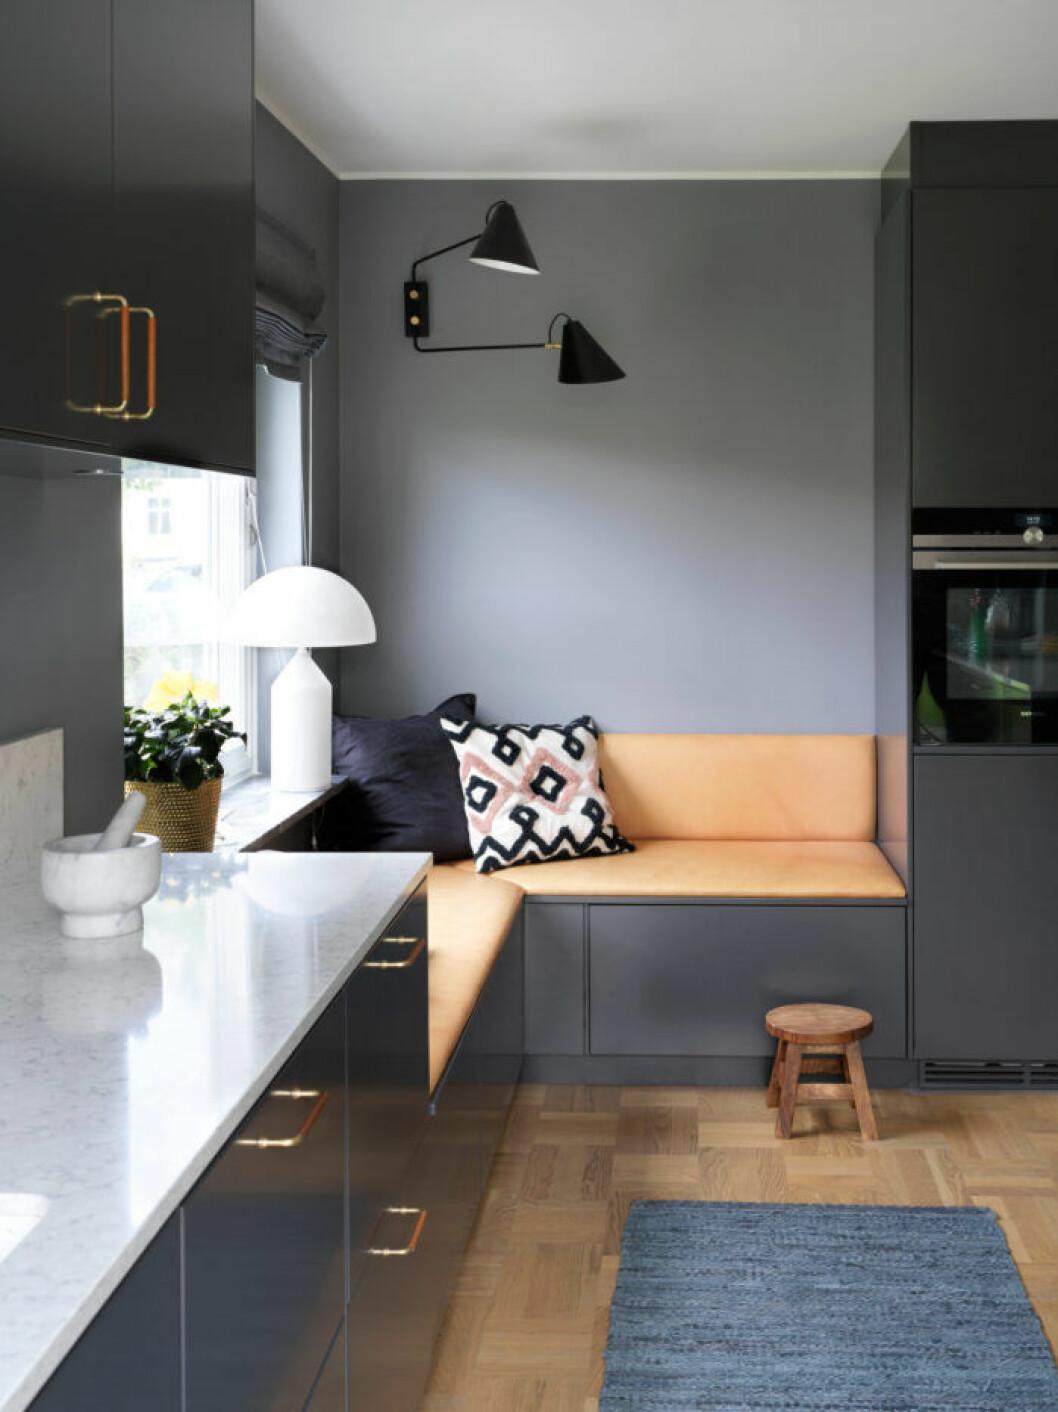 Grått platsbyggt kök med orangea detaljer hos Frida Fahrman